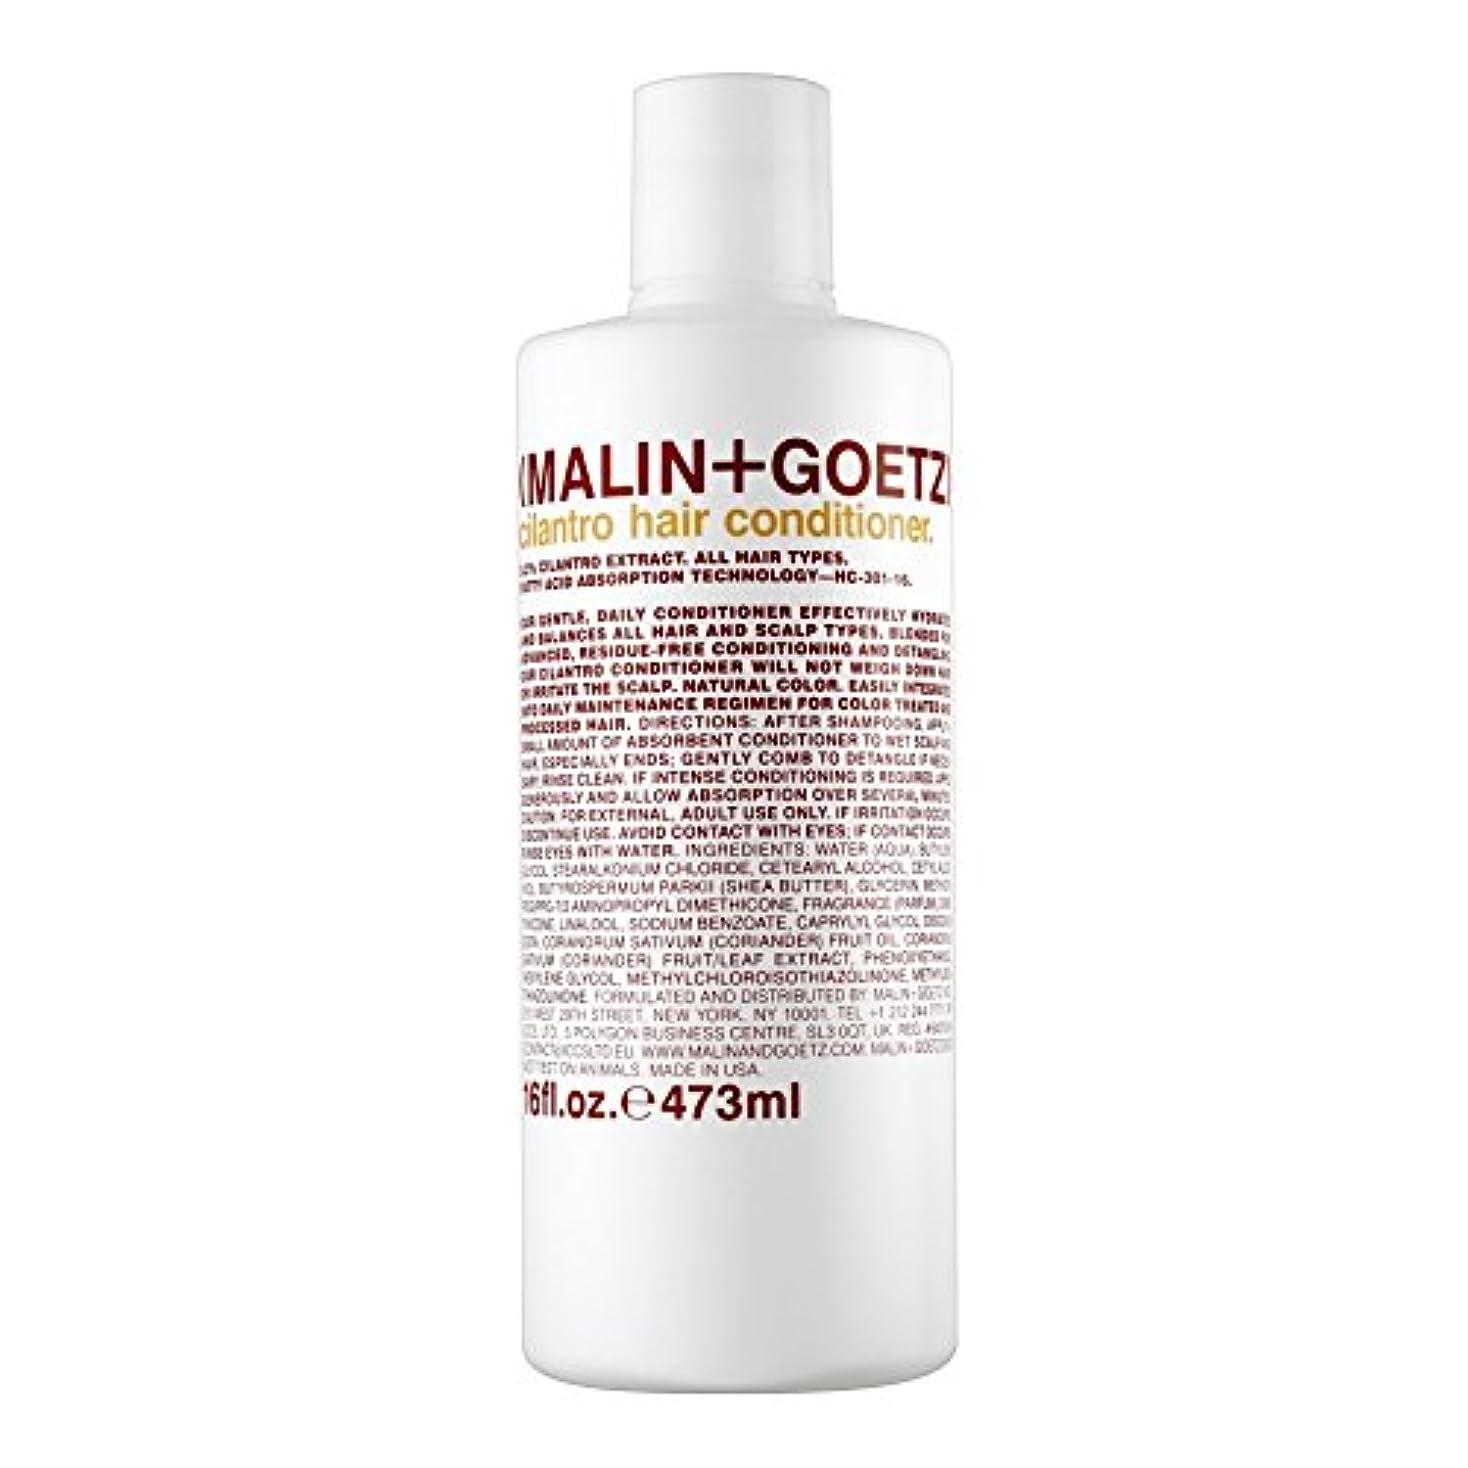 分数気配りのある黄ばむMALIN+GOETZ Cilantro Hair Conditioner 473ml (Pack of 6) - マリン+ゲッツコリアンダーのヘアコンディショナー473ミリリットル x6 [並行輸入品]